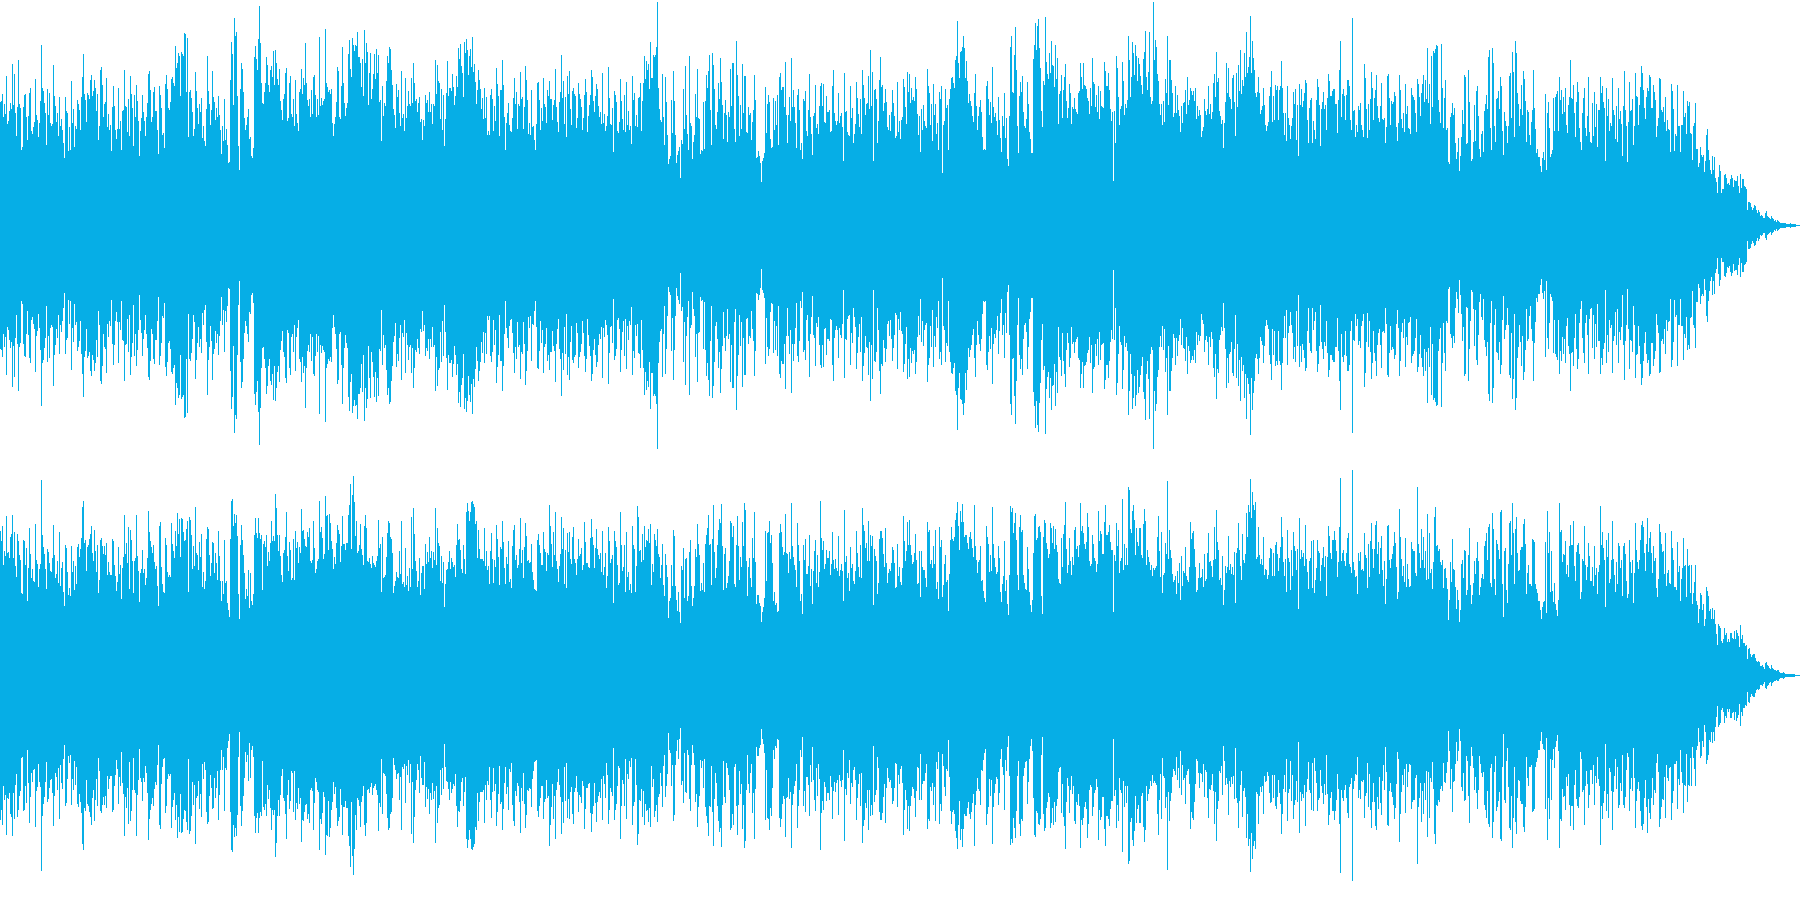 レトロゲーム風BGMの再生済みの波形